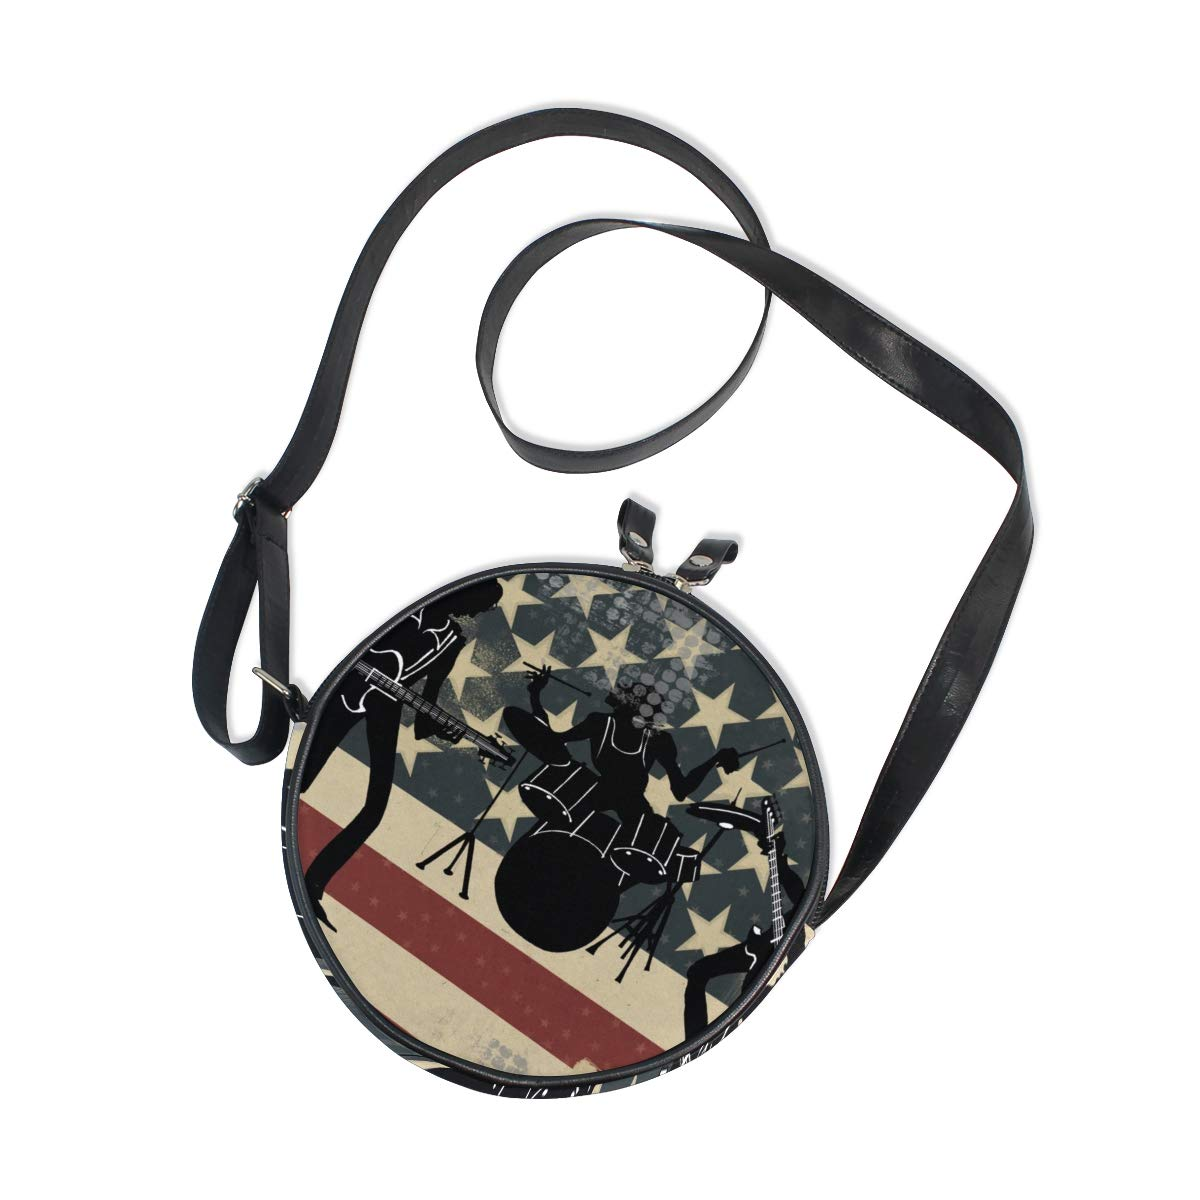 KEAKIA American Band Drums Round Crossbody Bag Shoulder Sling Bag Handbag Purse Satchel Shoulder Bag for Kids Women